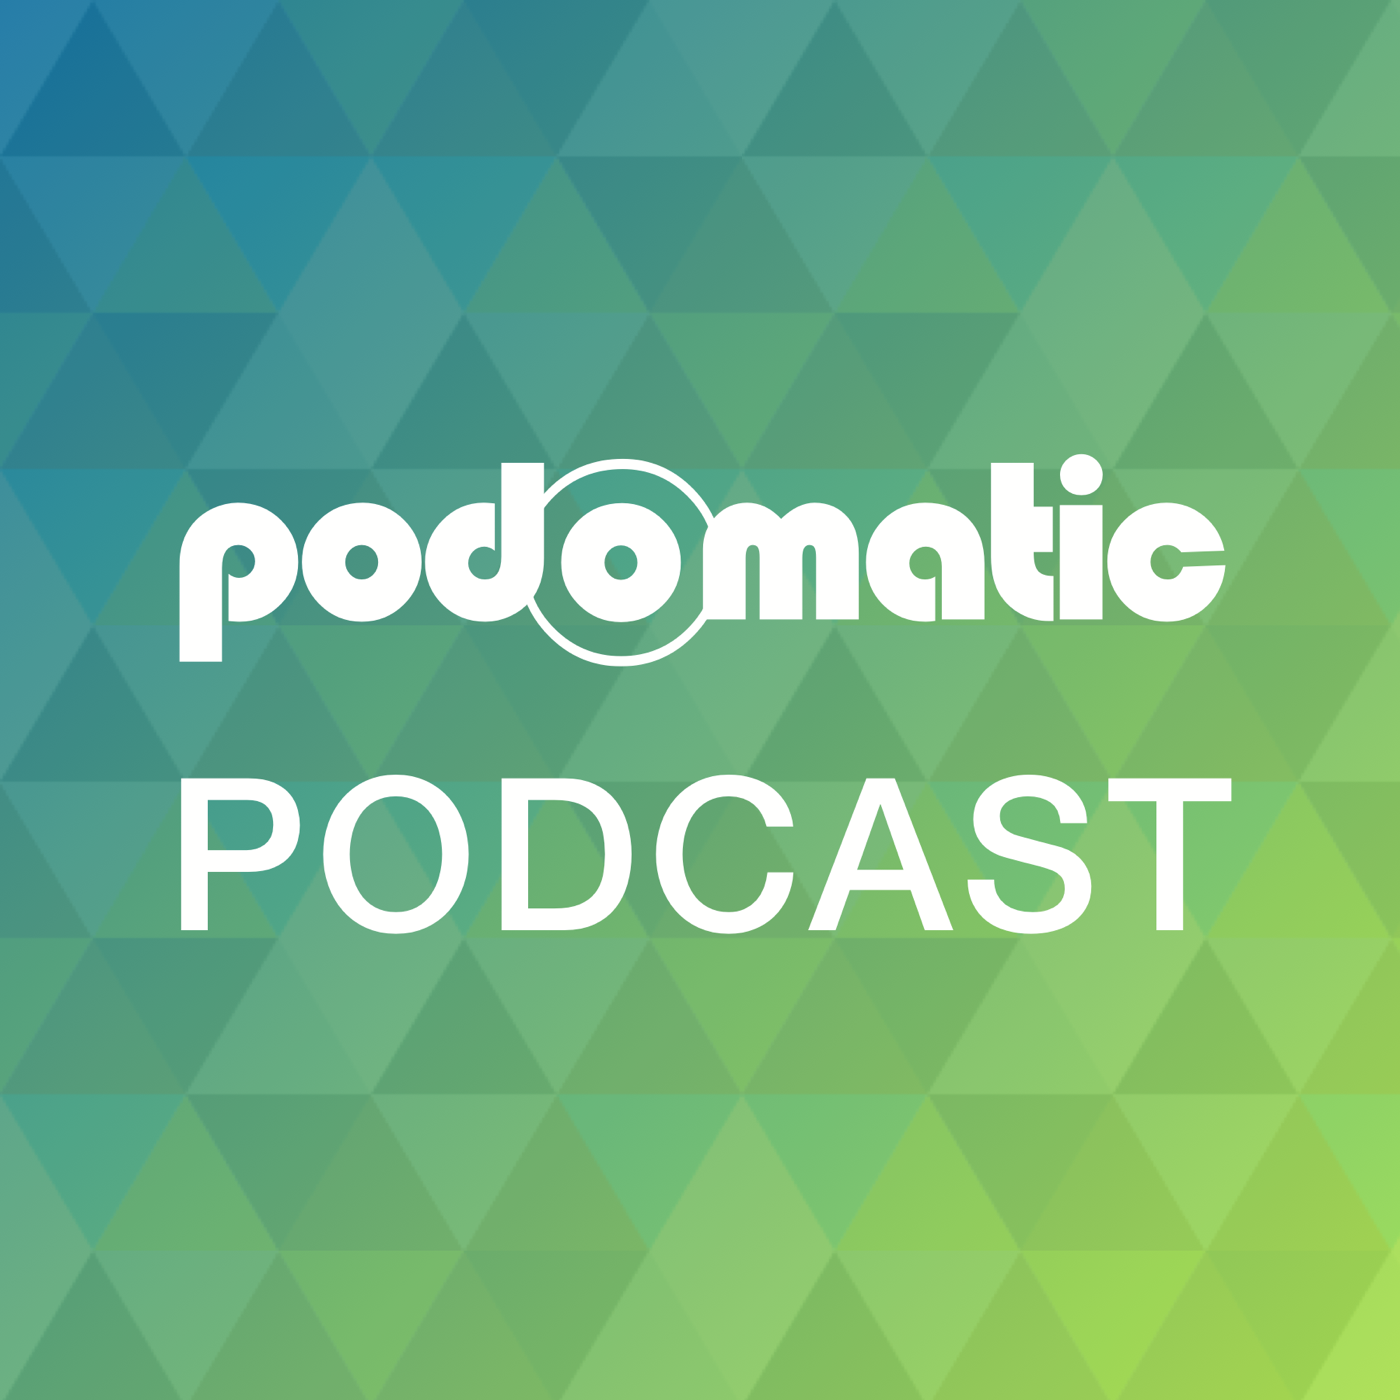 Steve Froggatt's Podcast